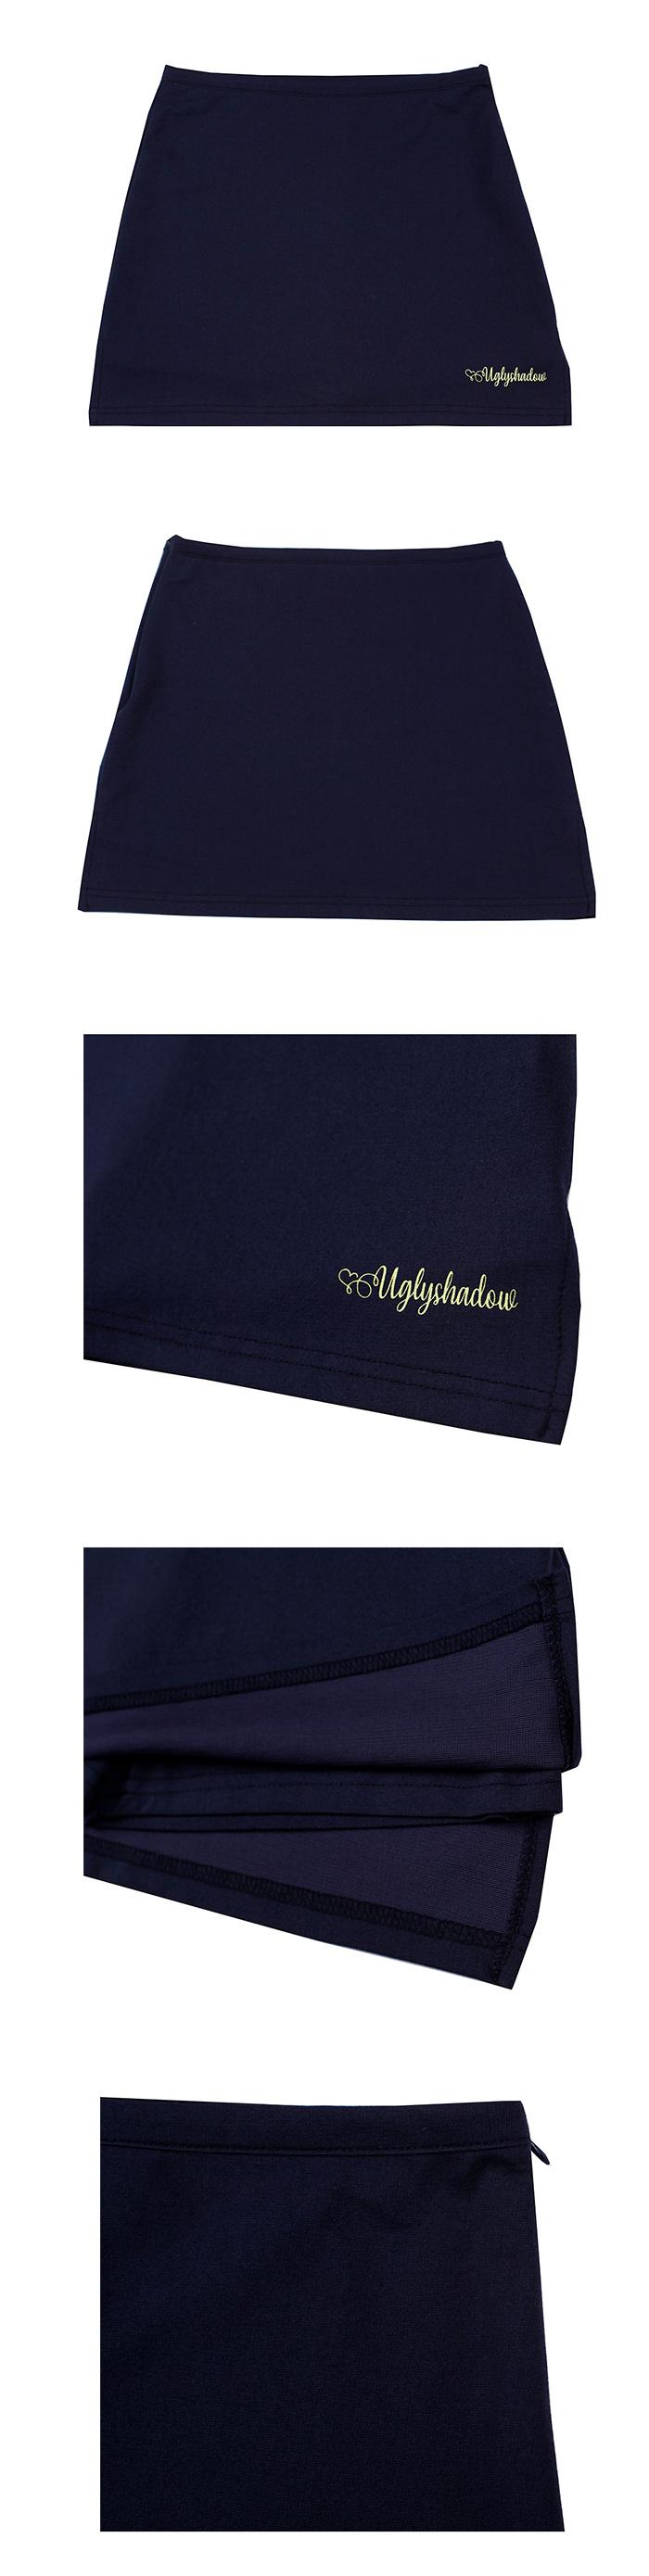 어글리쉐도우(UGLYSHADOW) 치마 바지(네이비)